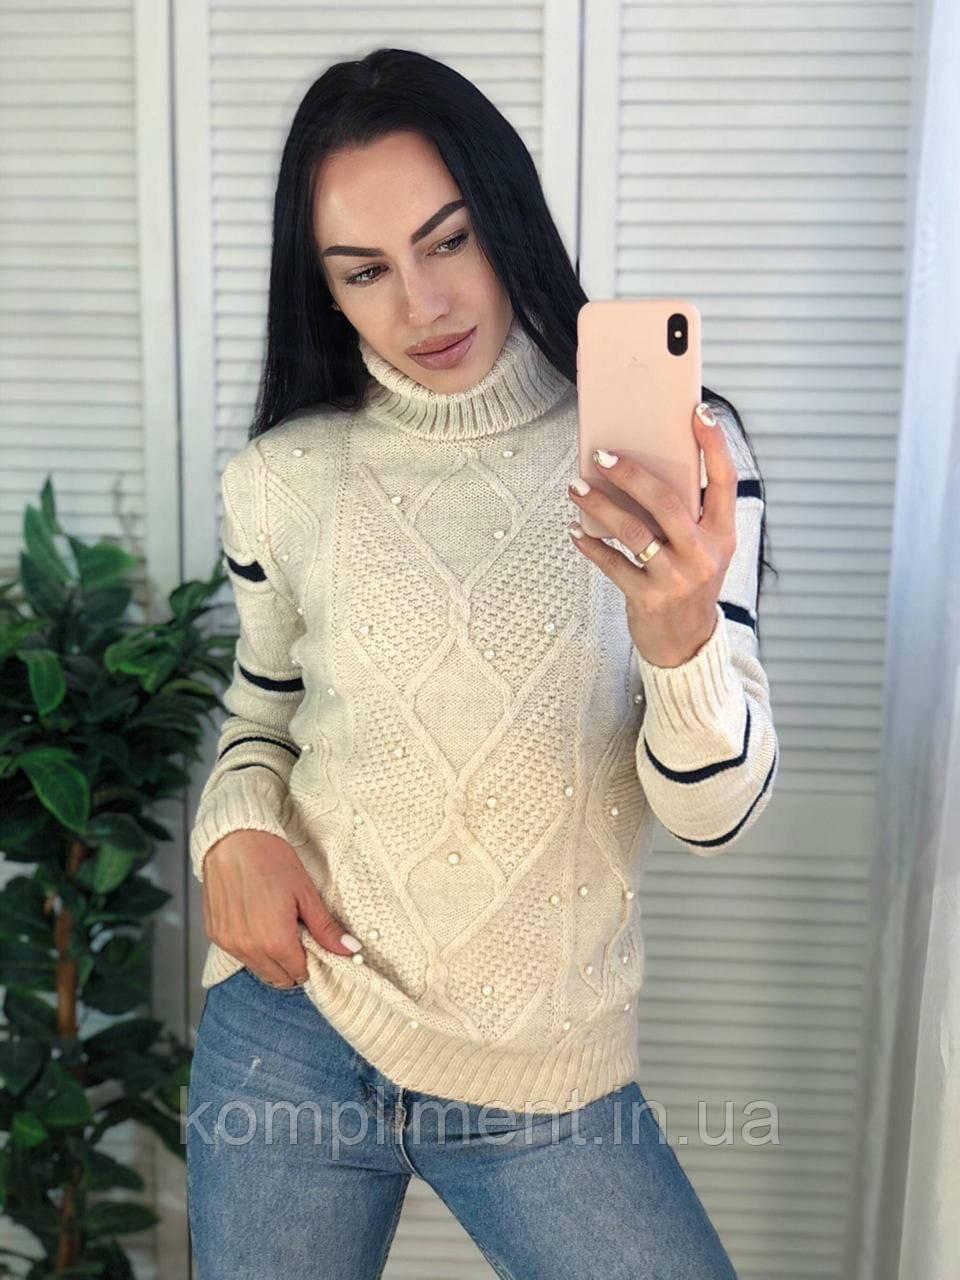 Женский шерстяной турецкий вязаный свитер под горло, молочный